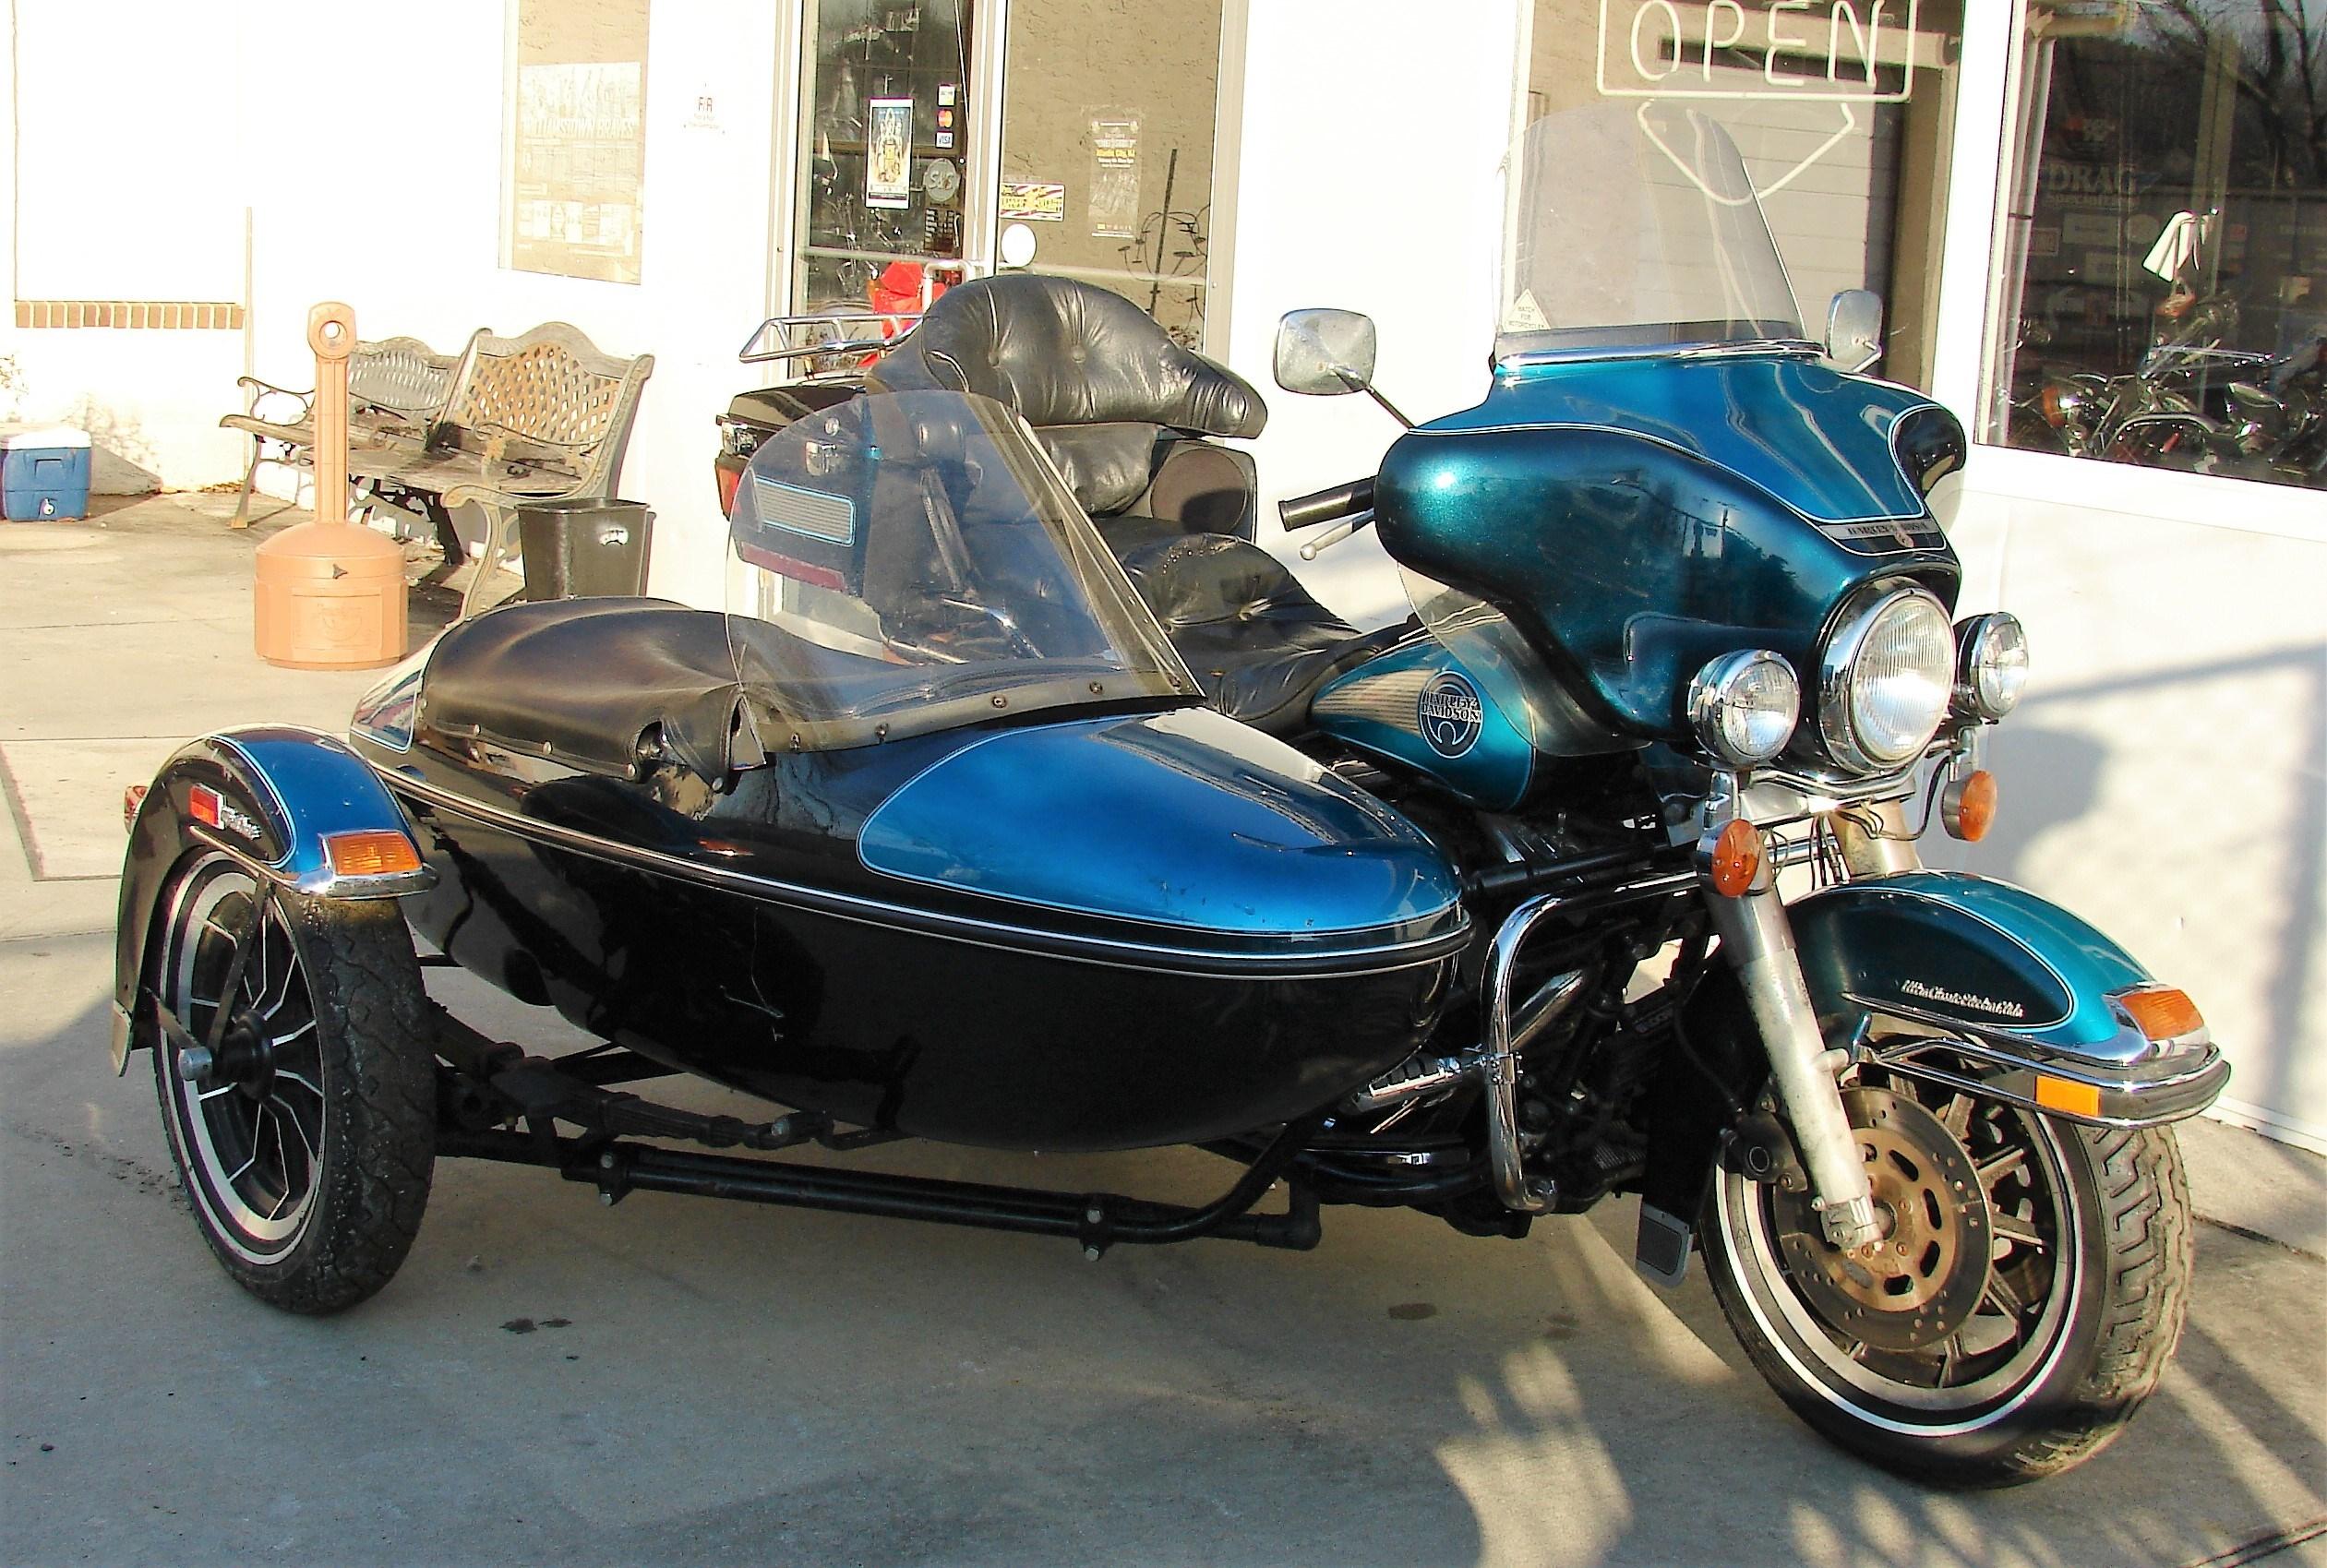 1990 Harley Davidson 174 Flhtcu Ultra Classic 174 Electra Glide